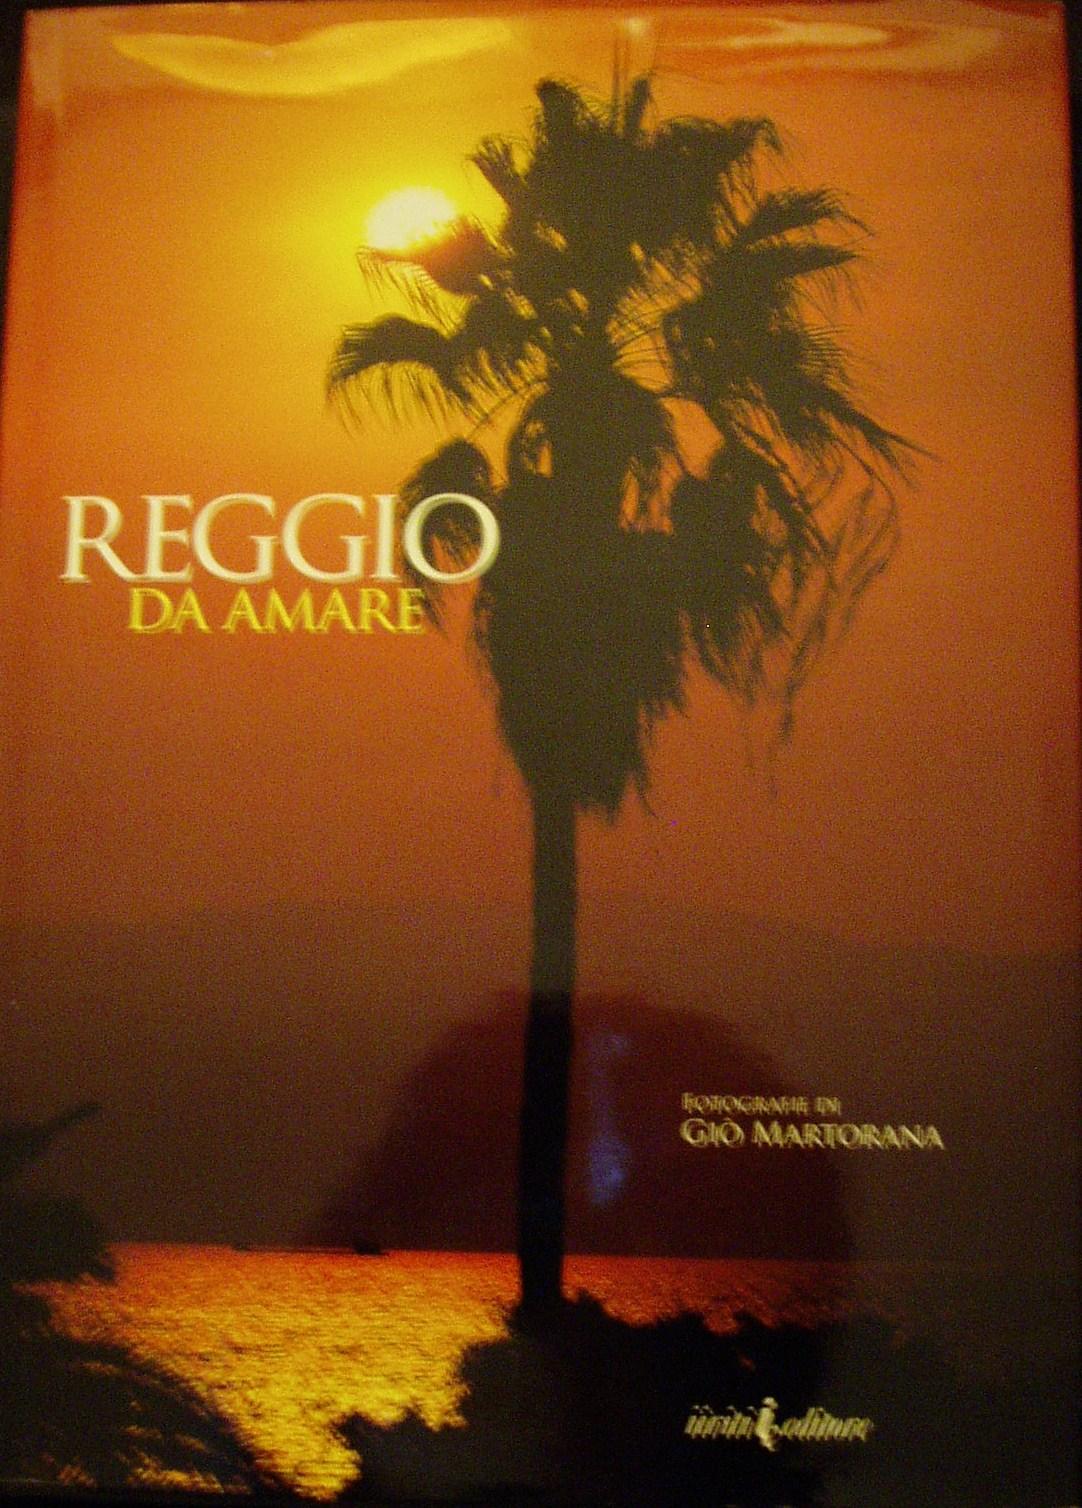 Reggio d'amare